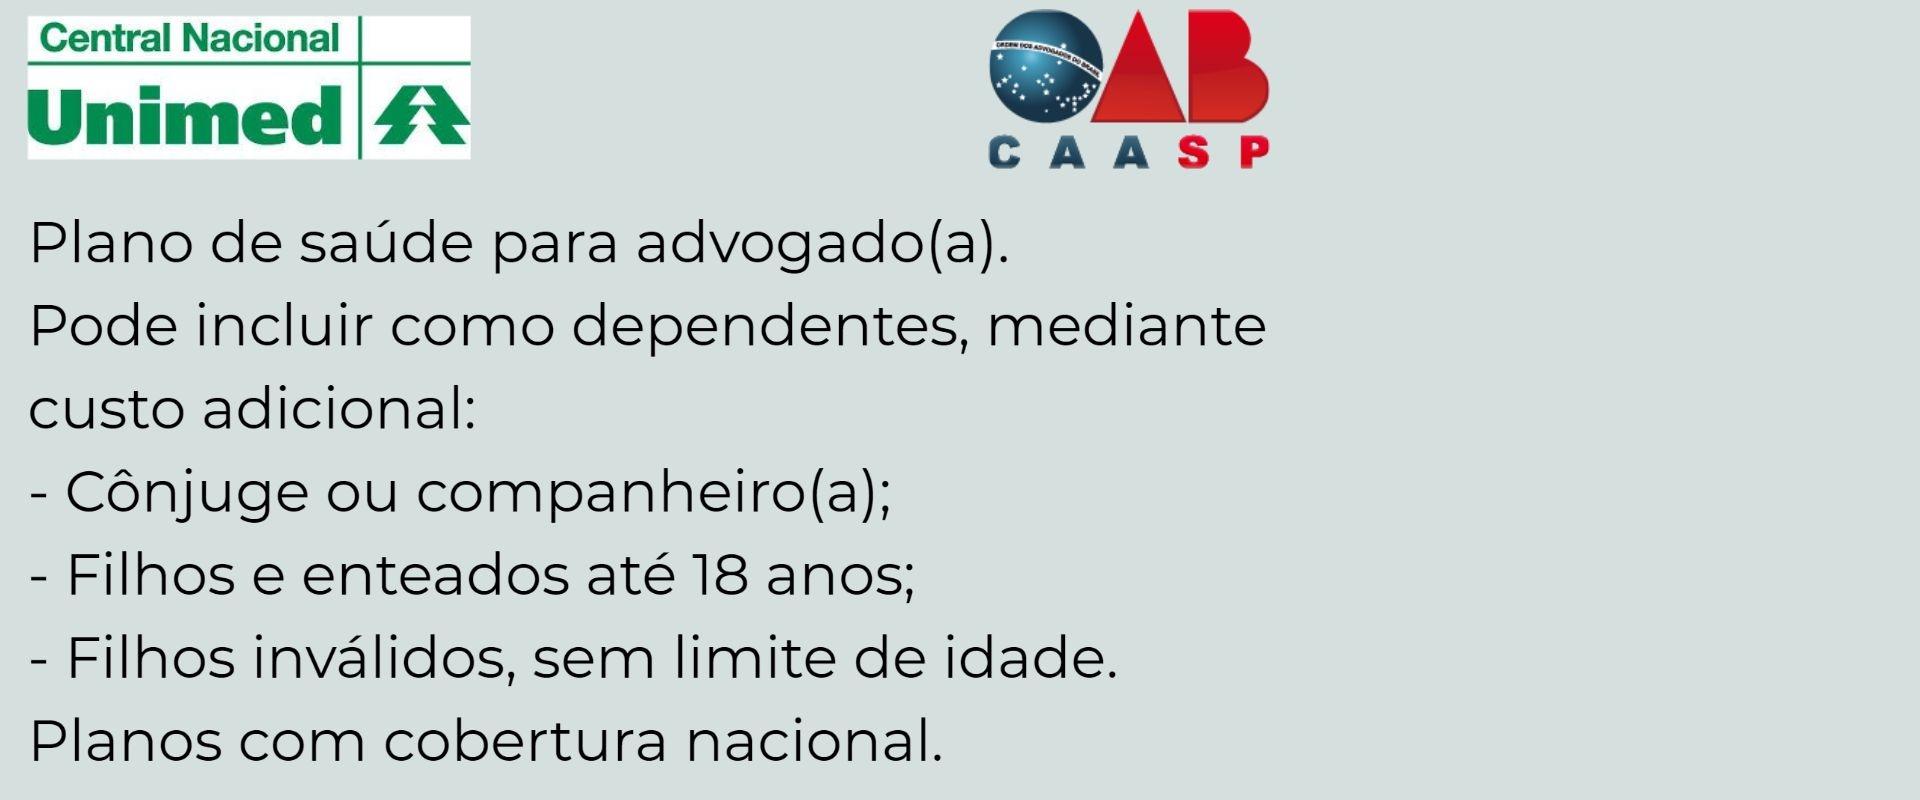 Unimed CAASP Itaquaquecetuba